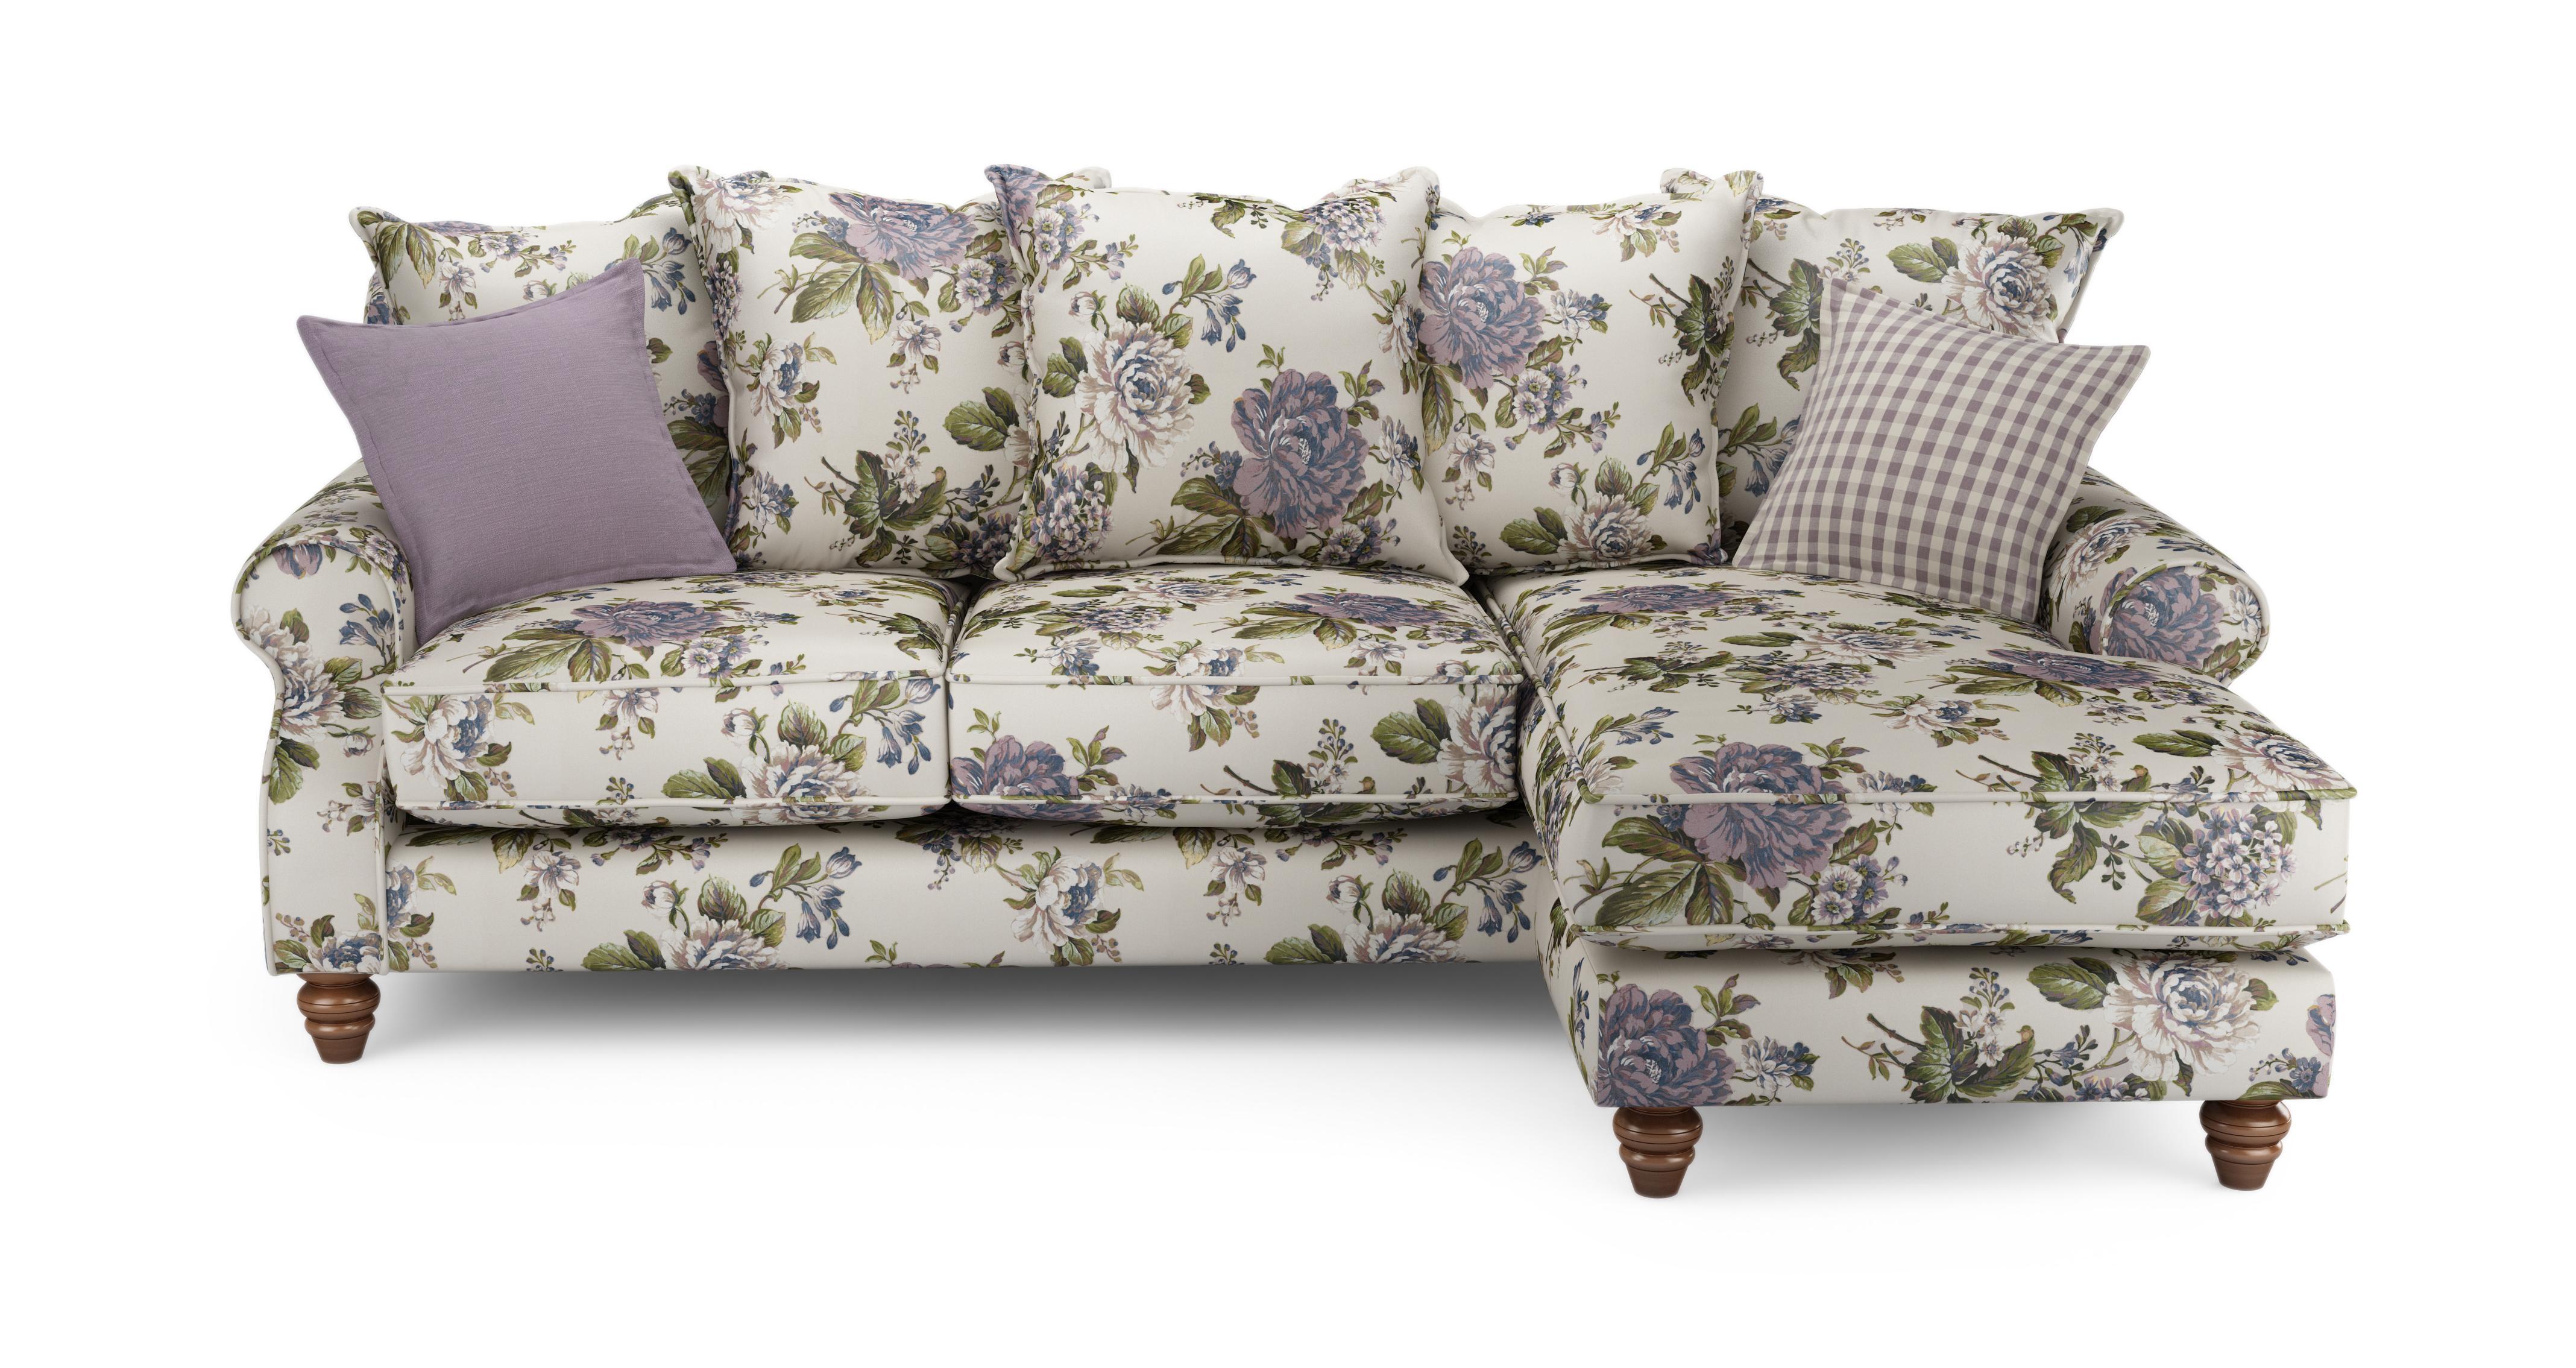 Ellie Floral 4 Seater Sofa Ellie Floral